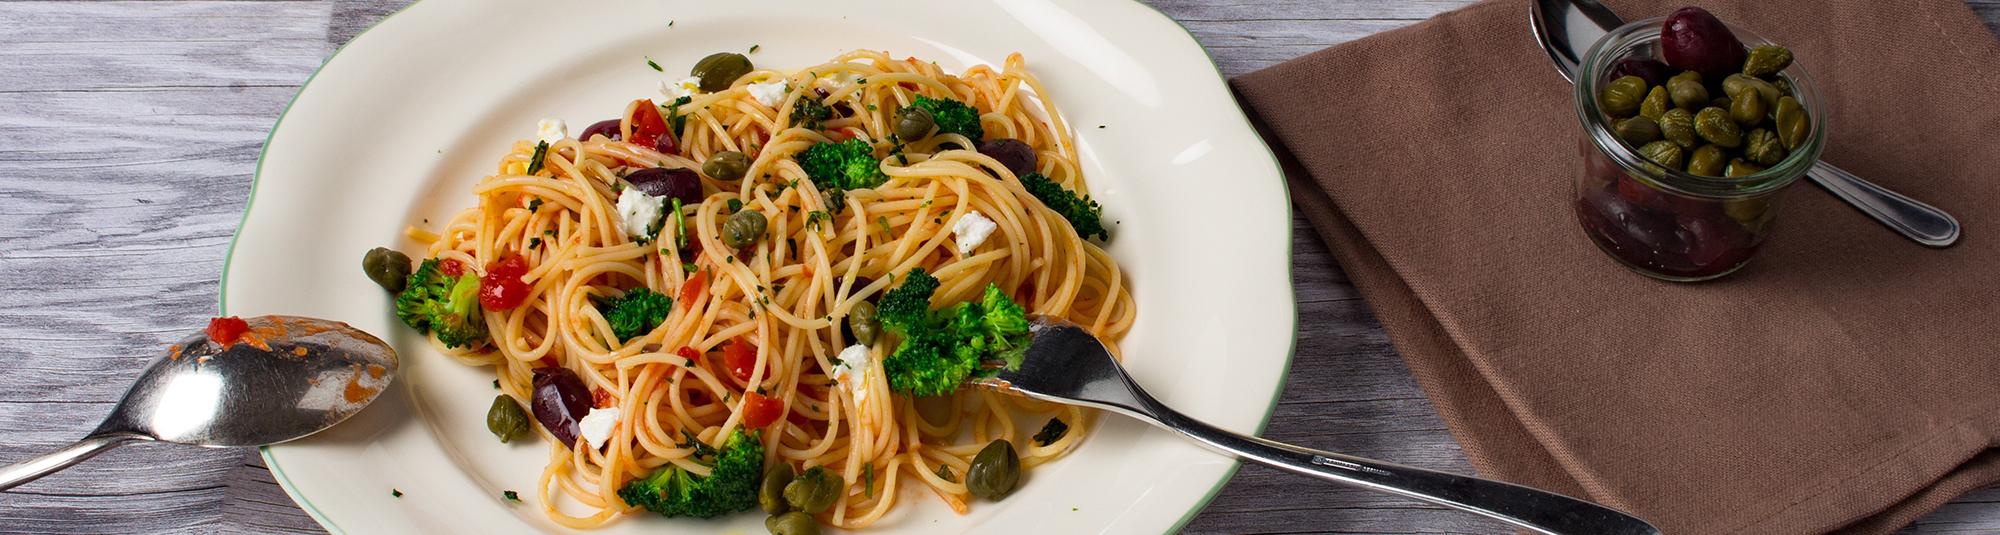 Iglo Spaghetti mit Broccoli